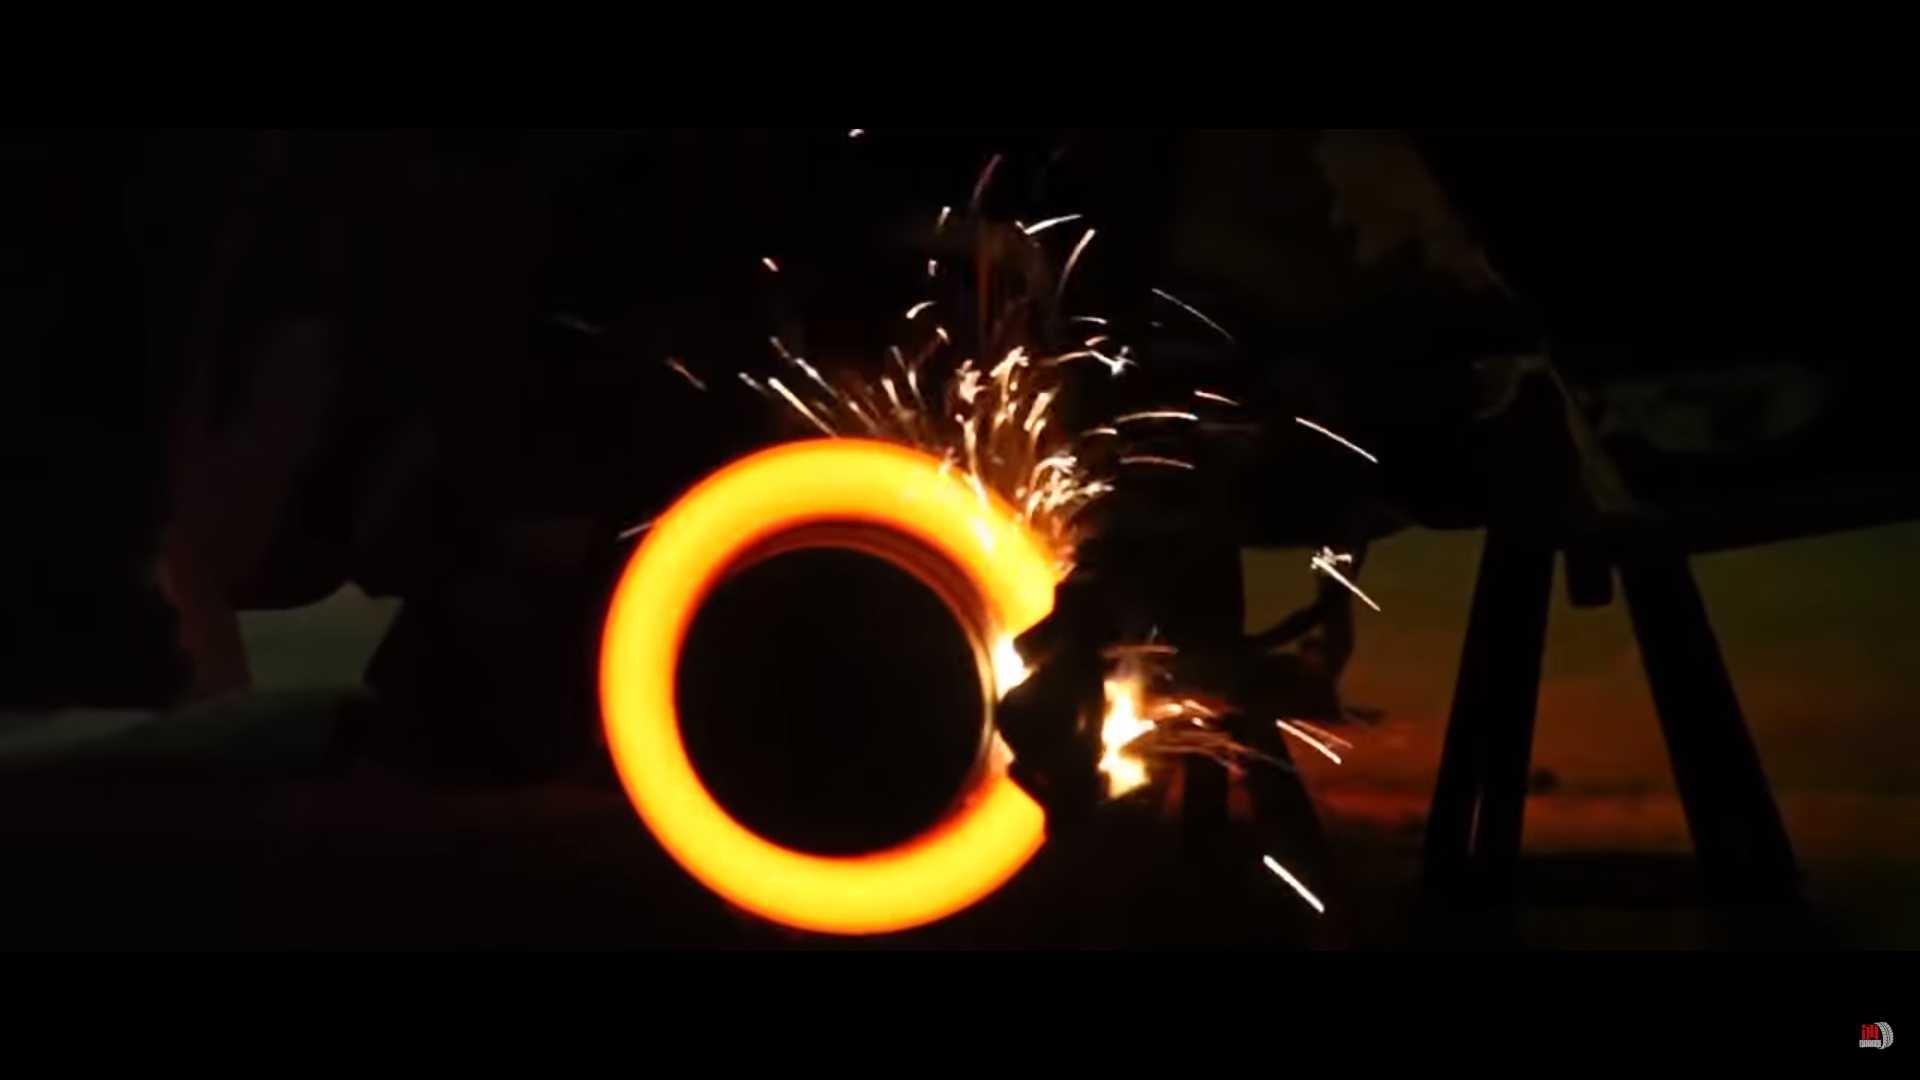 Šta se dešava kada se pritisnu papučice gasa i kočnice u isto vreme? (VIDEO)